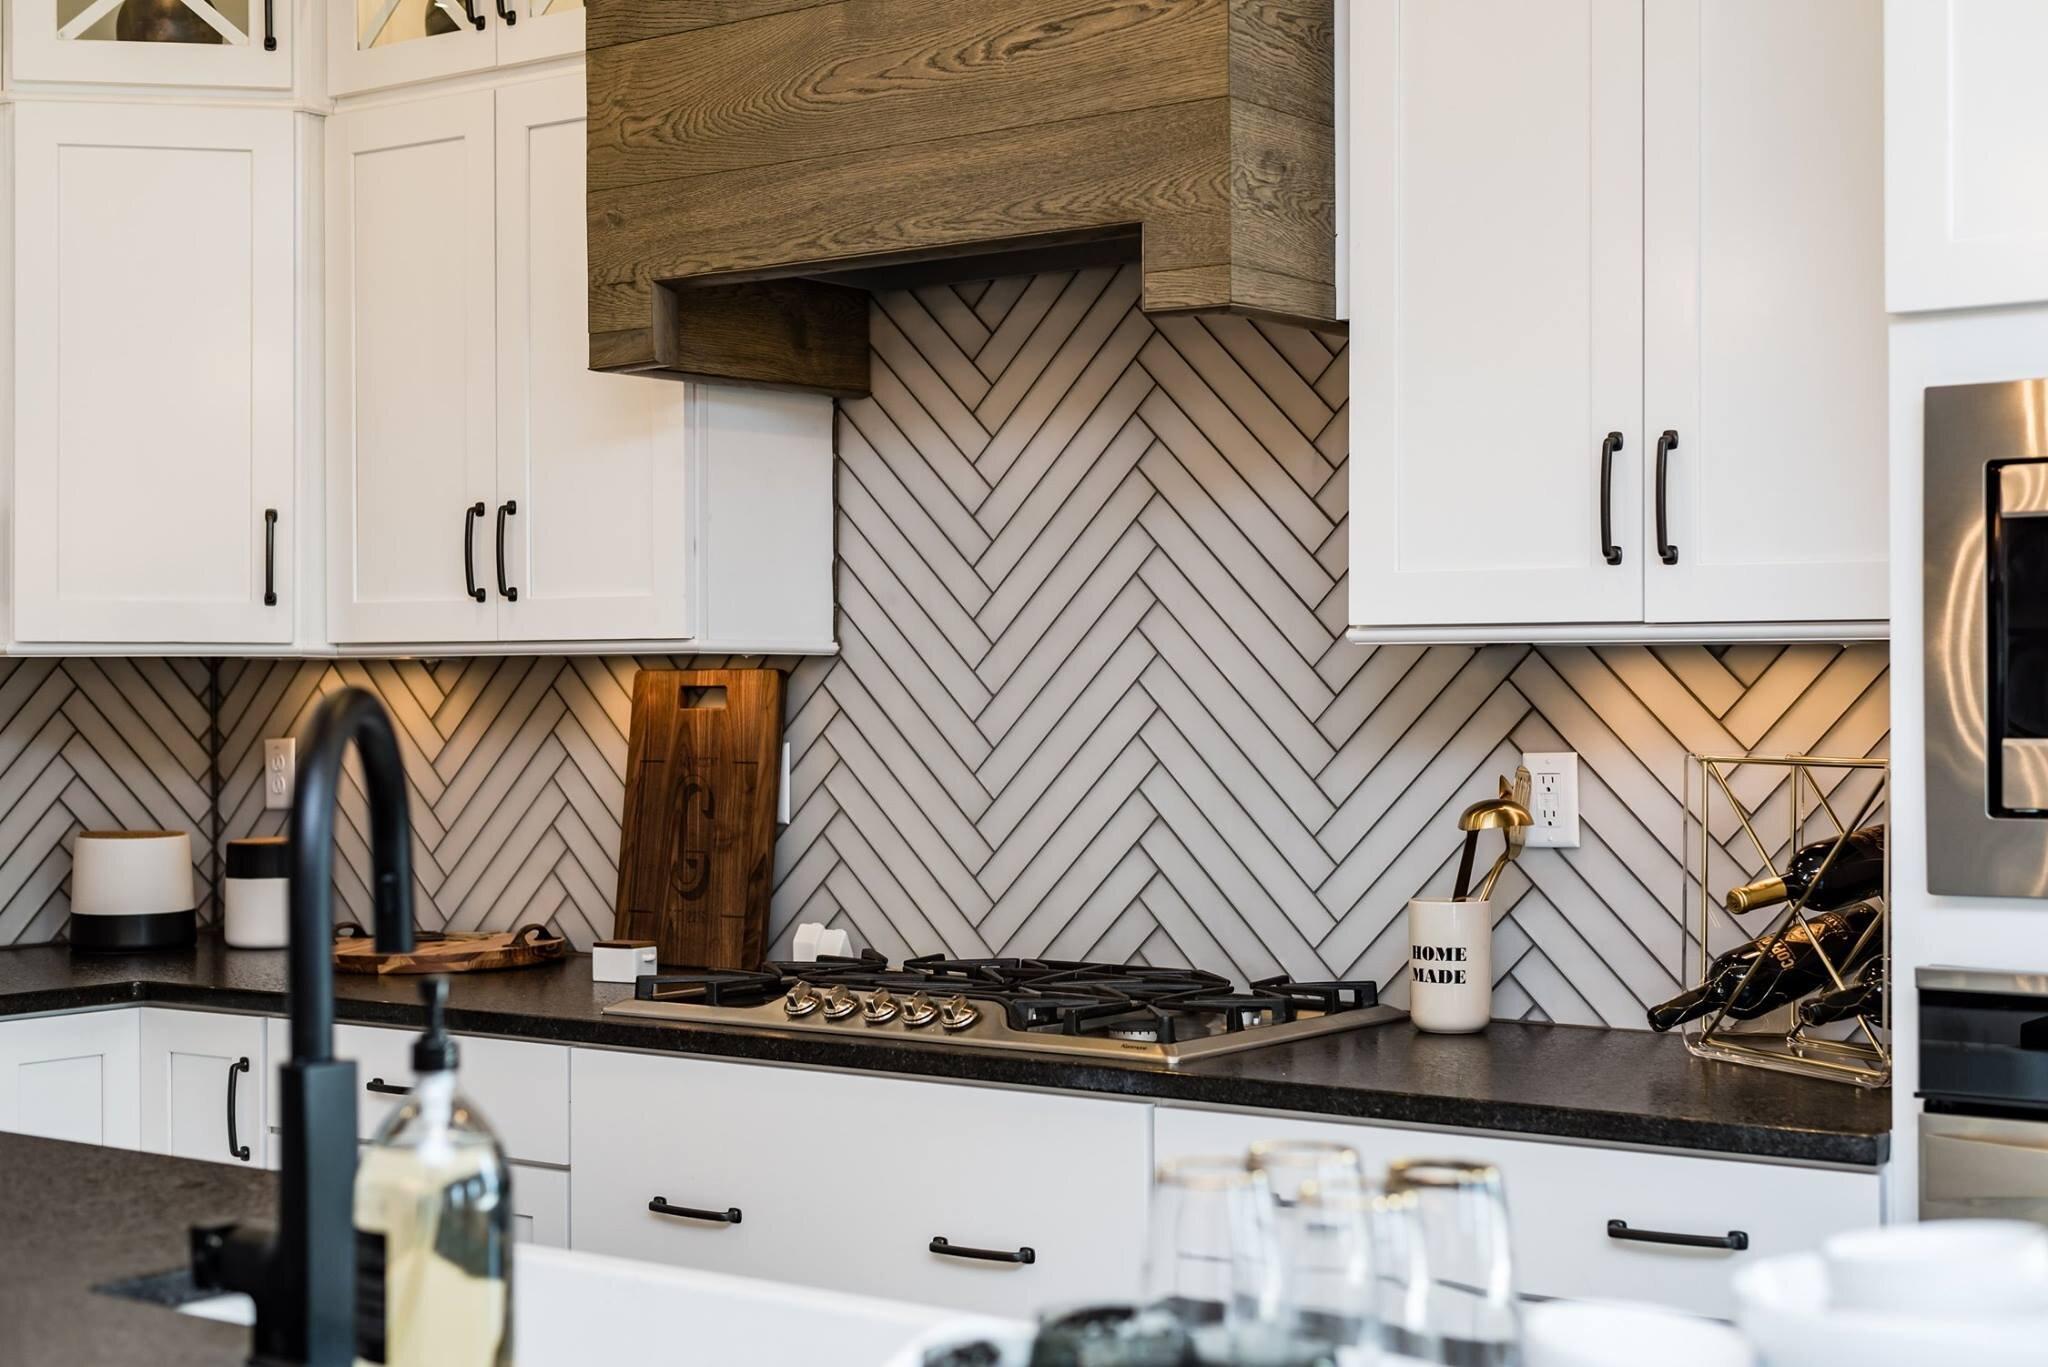 Bella maple white kitchen design project in Fayette, TN